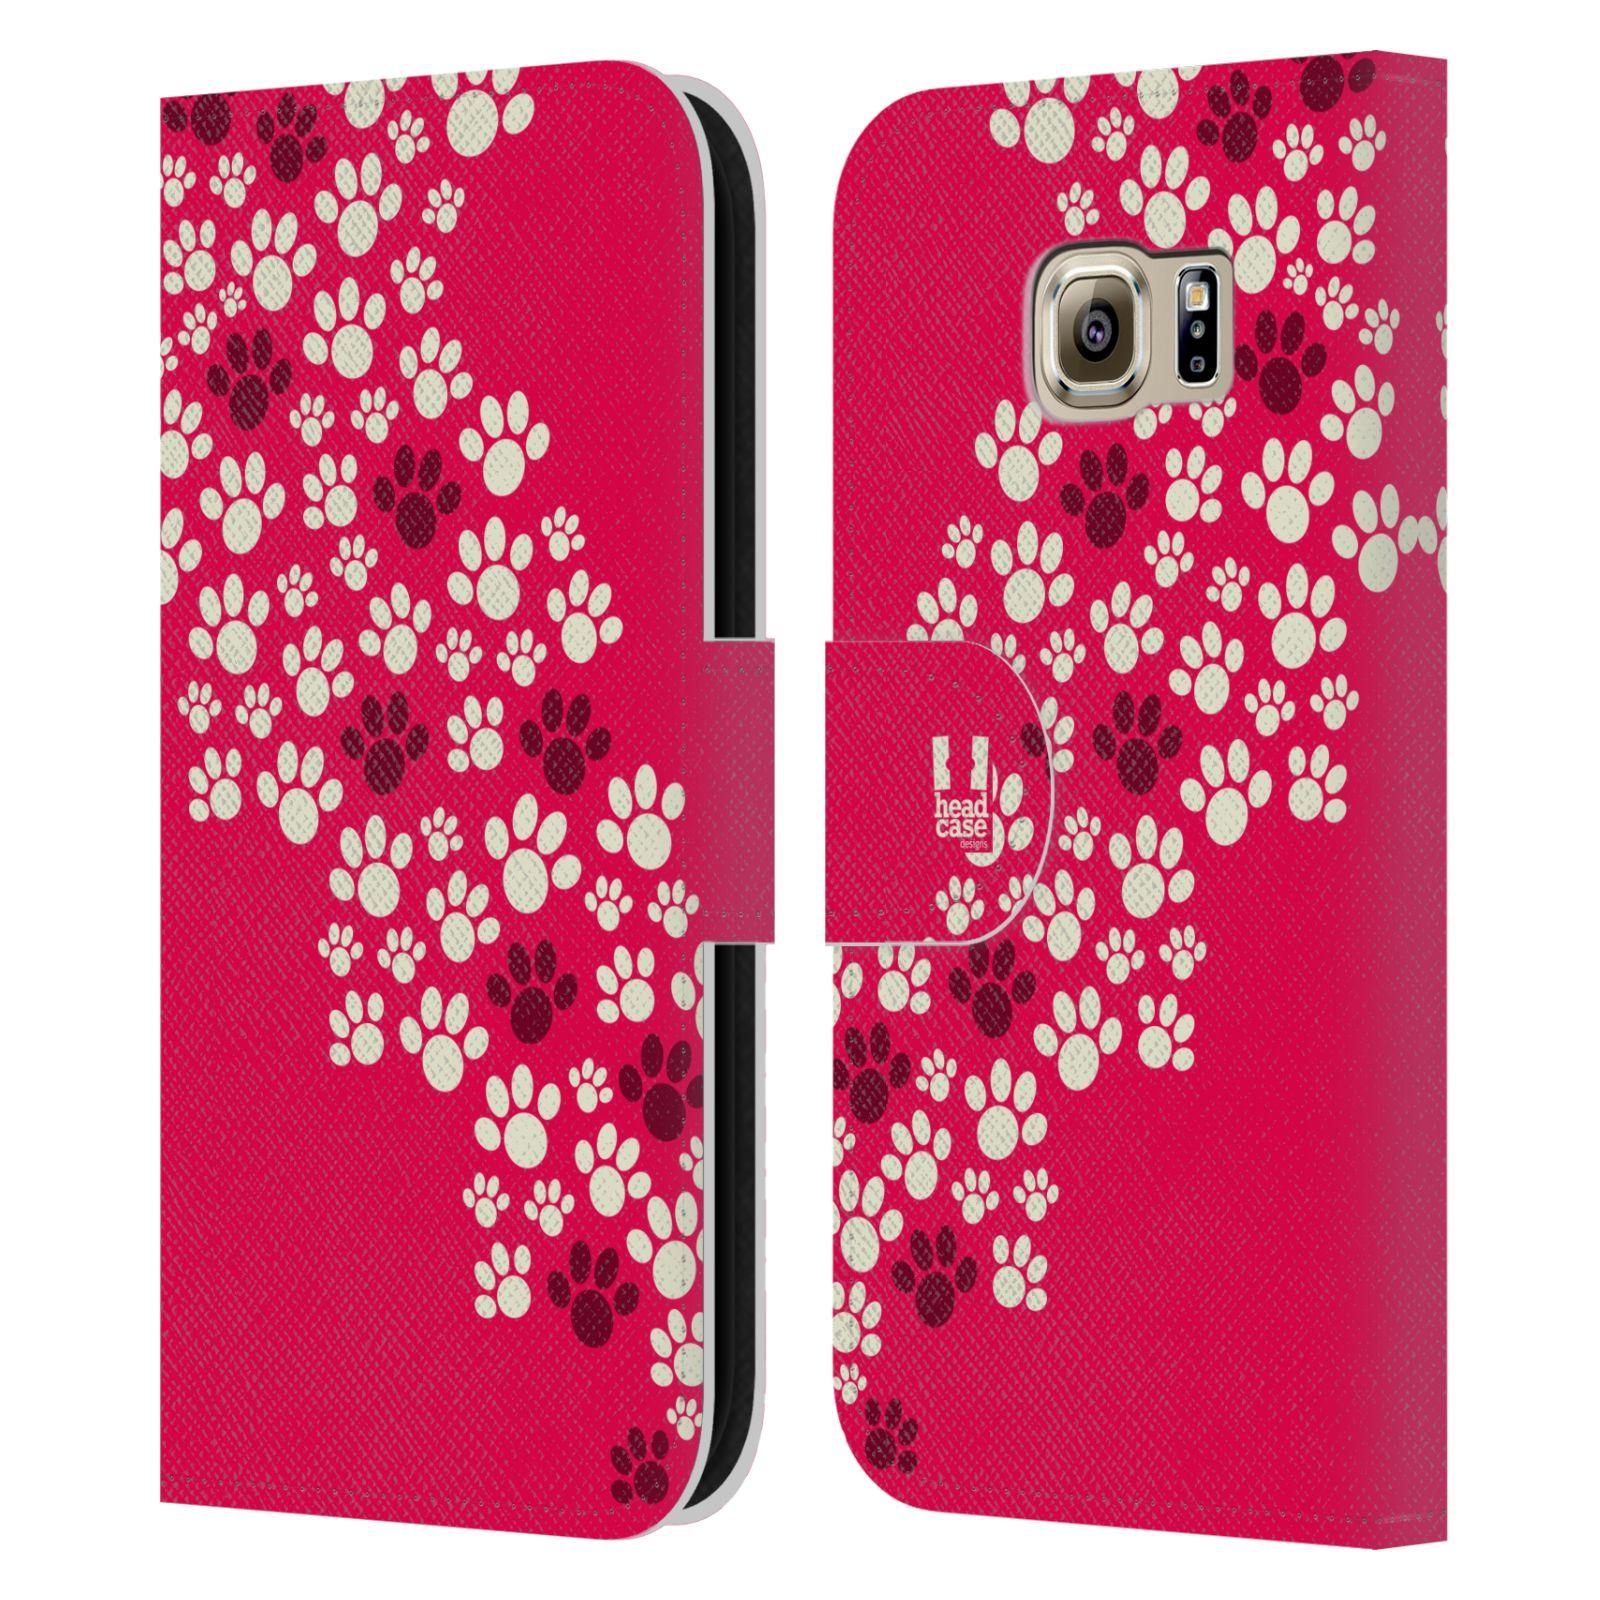 HEAD CASE Flipové pouzdro pro mobil Samsung Galaxy S6 (G9200) Pejsek ťapky růžová barva